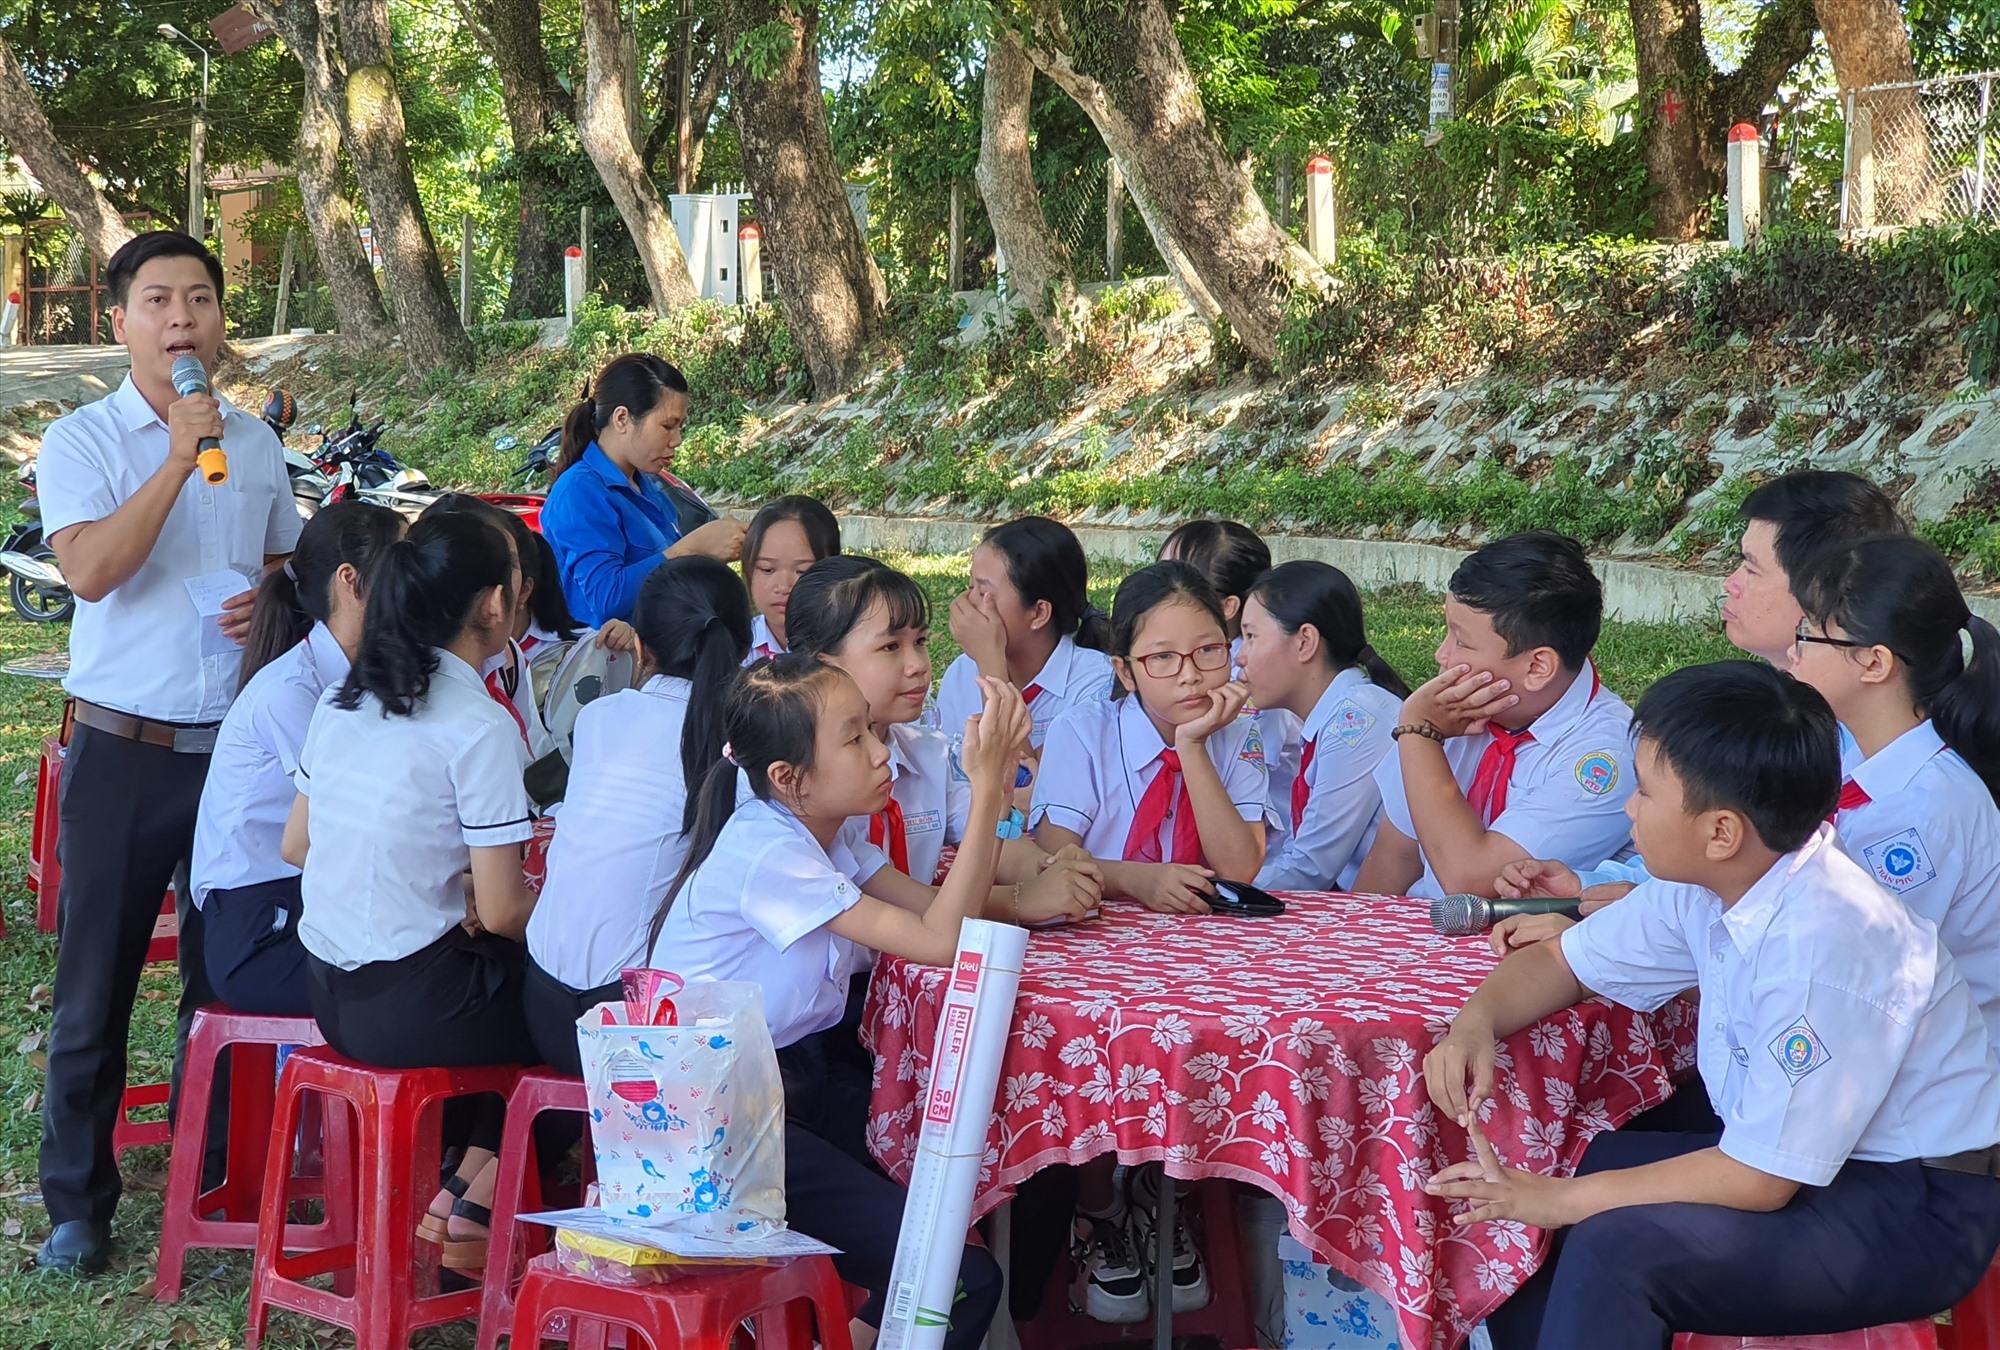 Các hoạt động ngoại khóa về trang bị kỹ năng cho trẻ em được nhà trường kết hợp với Tỉnh đoàn tổ chức. (Ảnh chụp năm 2020). Ảnh: T.Đ